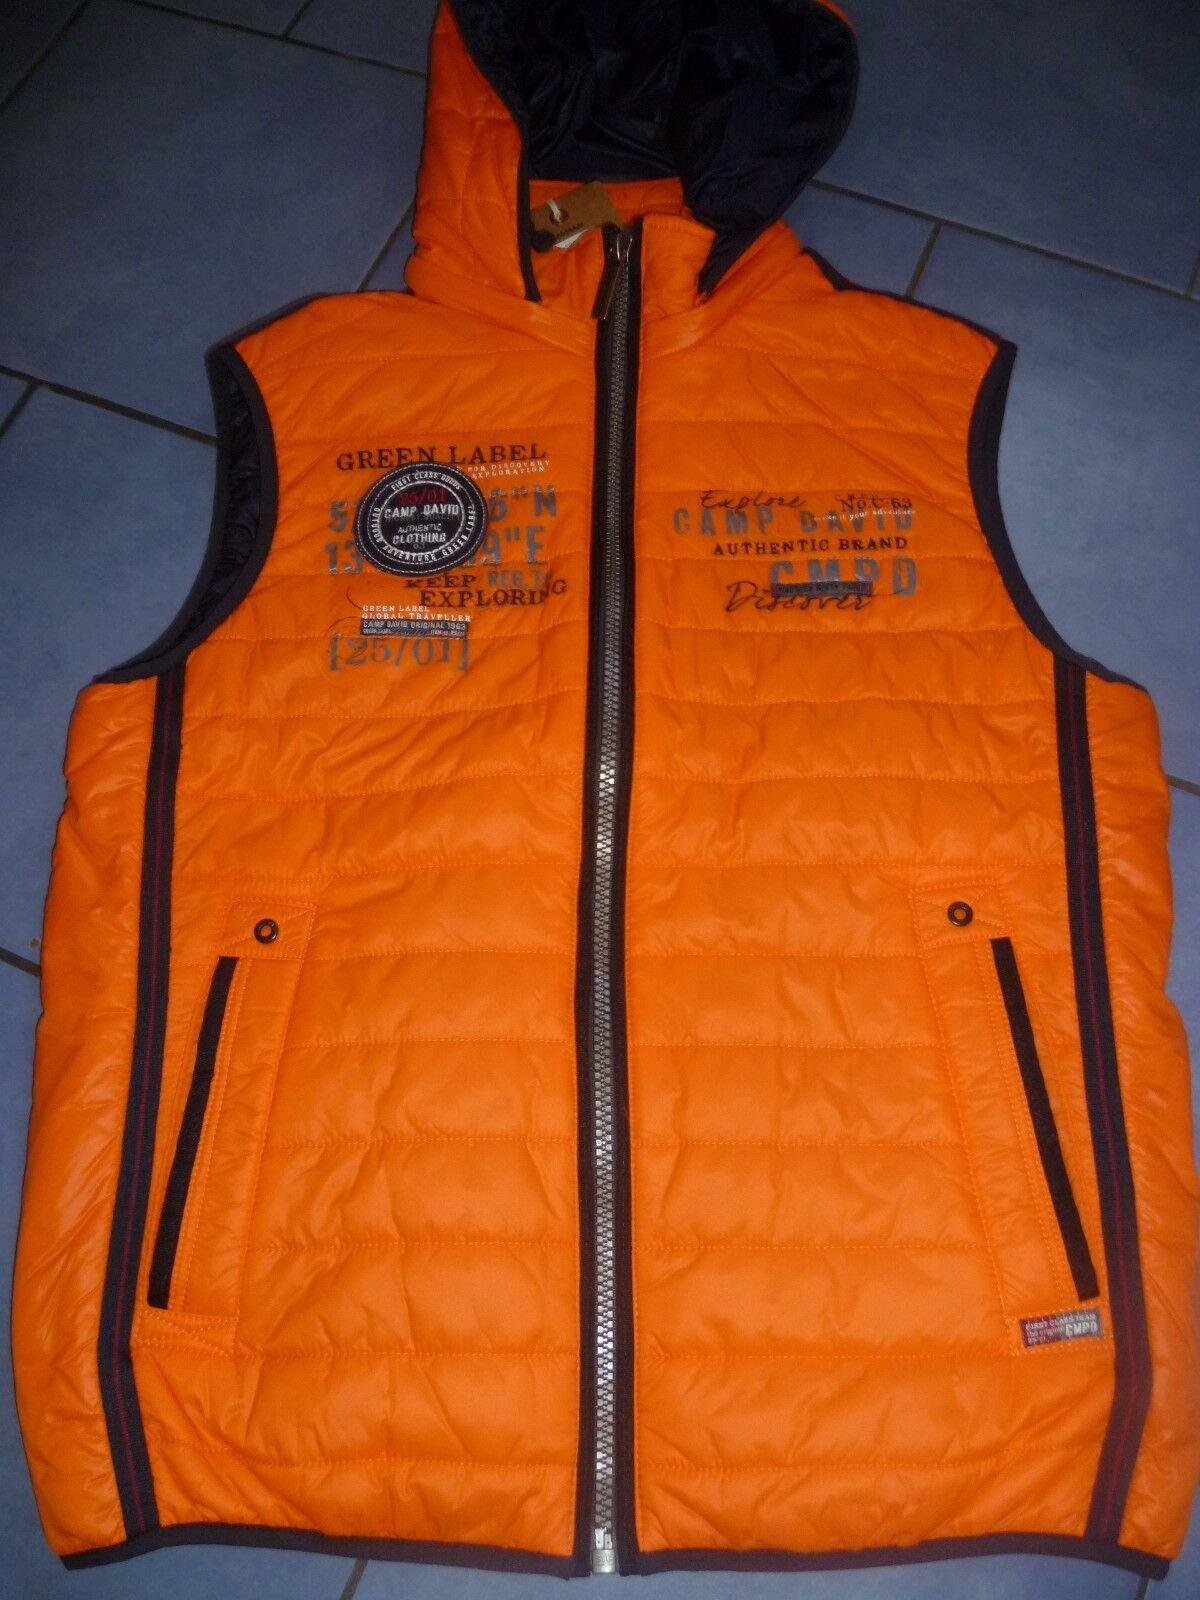 Top nuevo señores hombres Al aire libre  chaleco acolchado con capucha naranja camp david talla m  ¡No dudes! ¡Compra ahora!